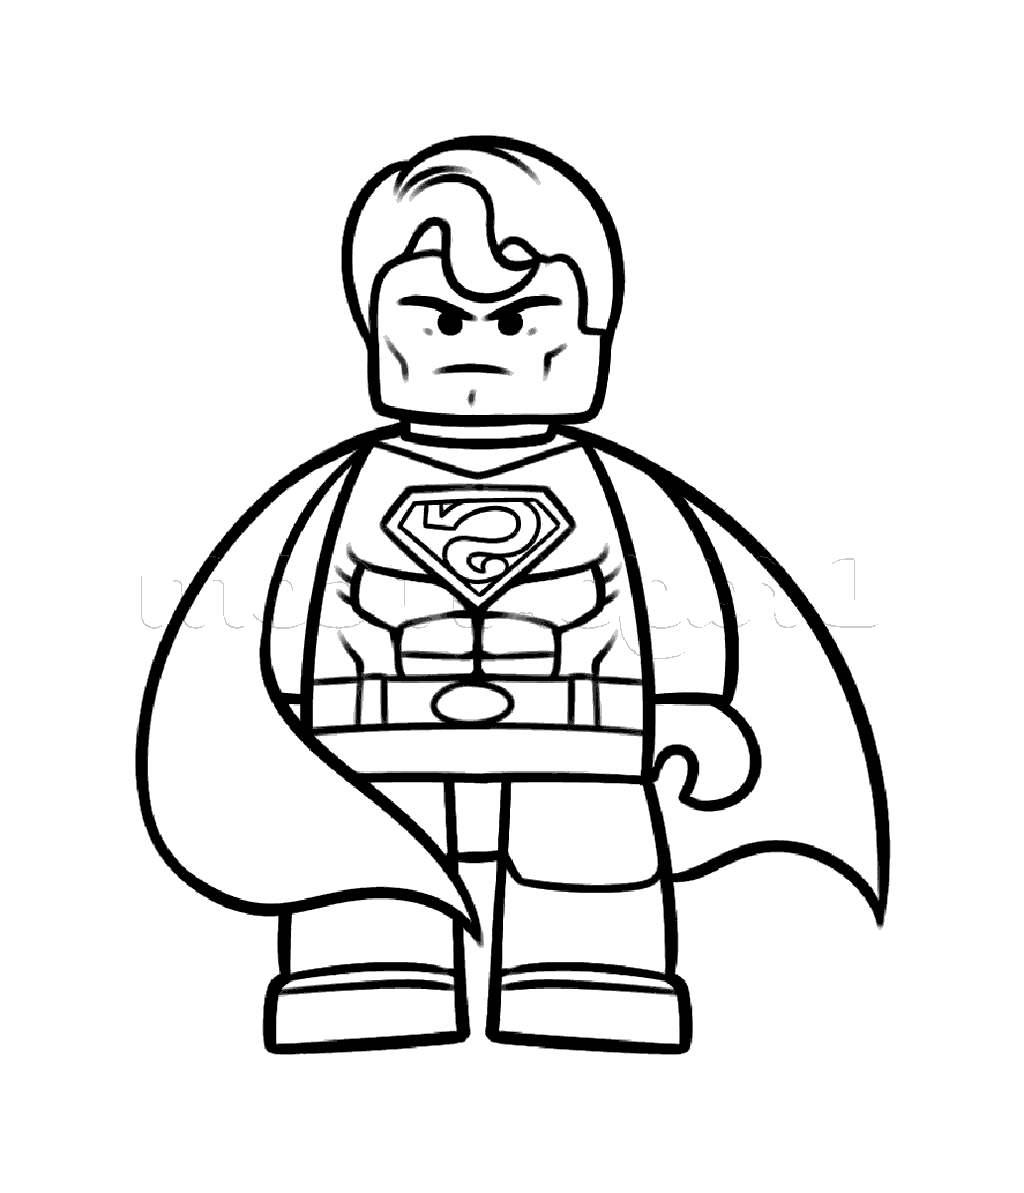 Batman Vs Superman Color Pages Coloring Pages Batman Vs Superman Coloring Robin Pages Clipart Get